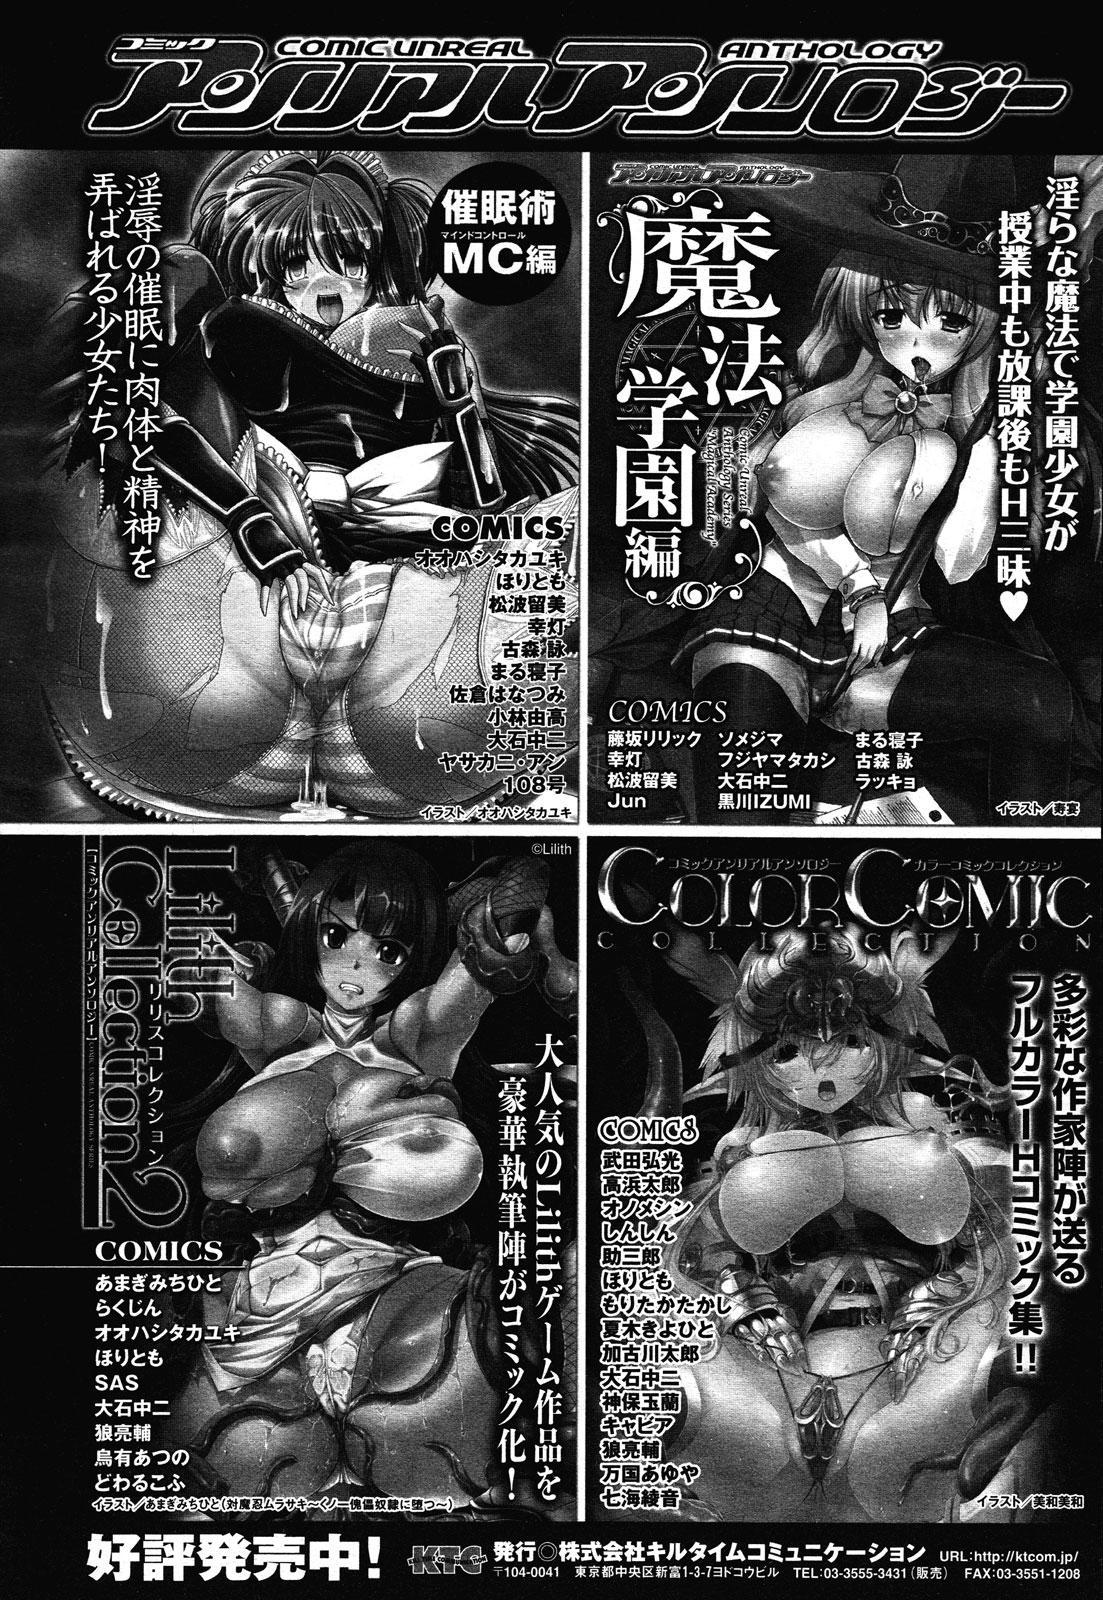 COMIC Unreal 2011-02 Vol. 29 + Mogudan Calendar 2011 211